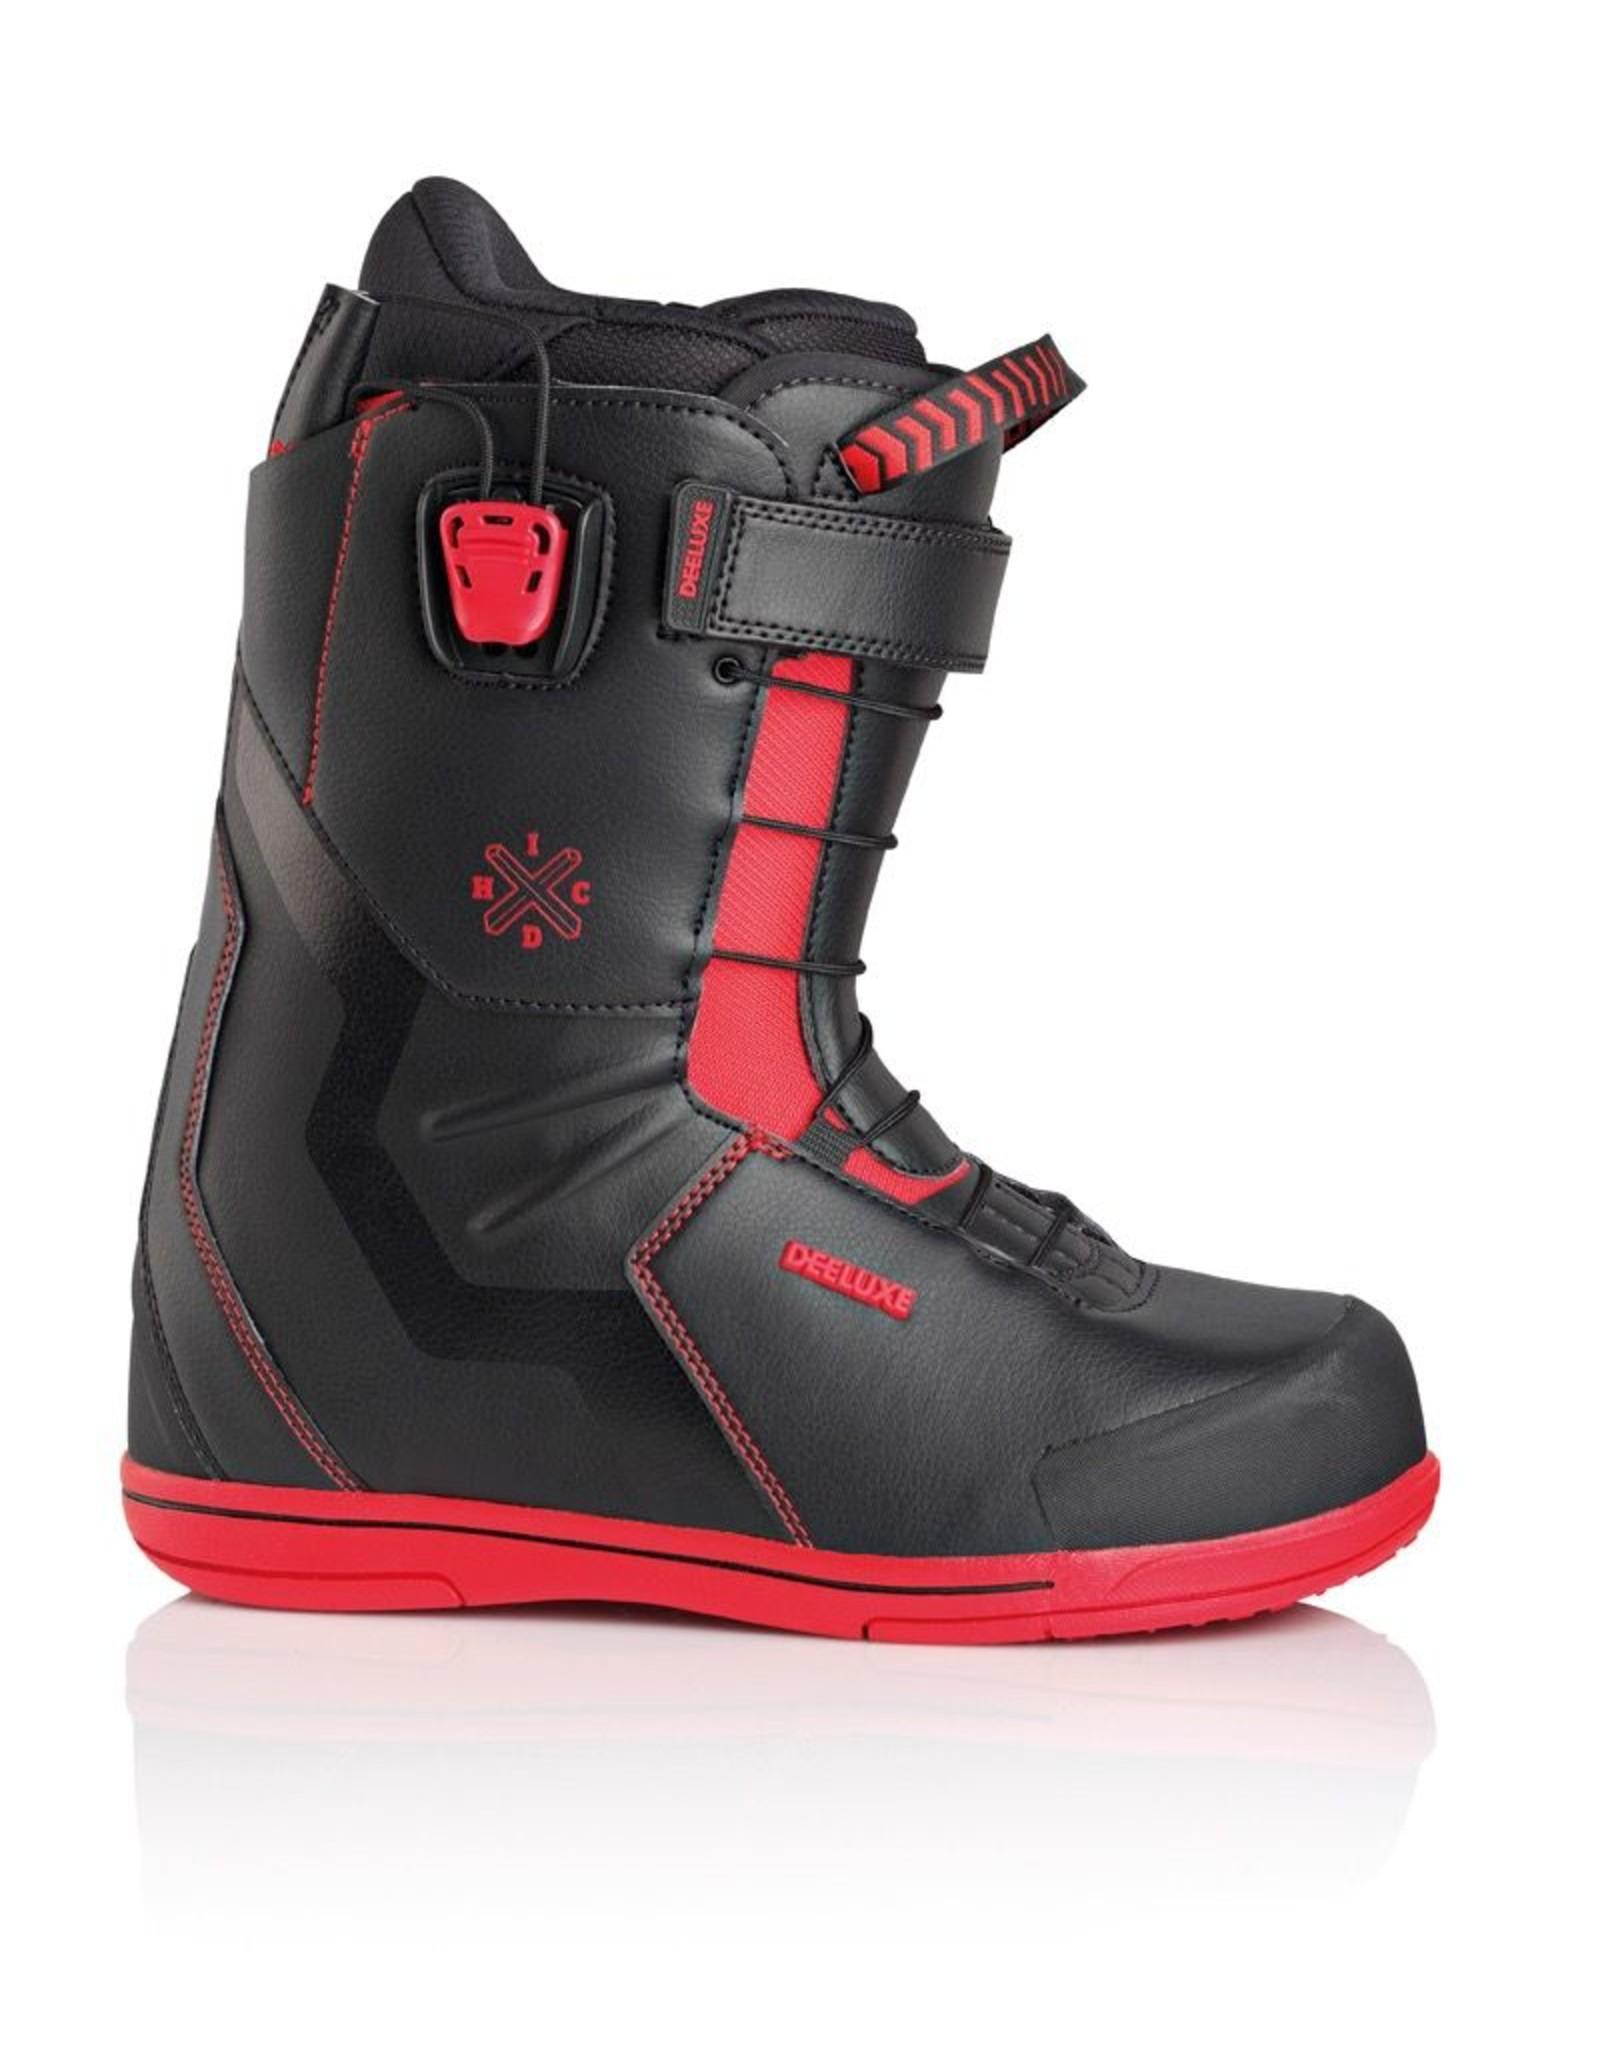 Deeluxe Deeluxe - IDxHC PF Black/Red 45-300mm-12